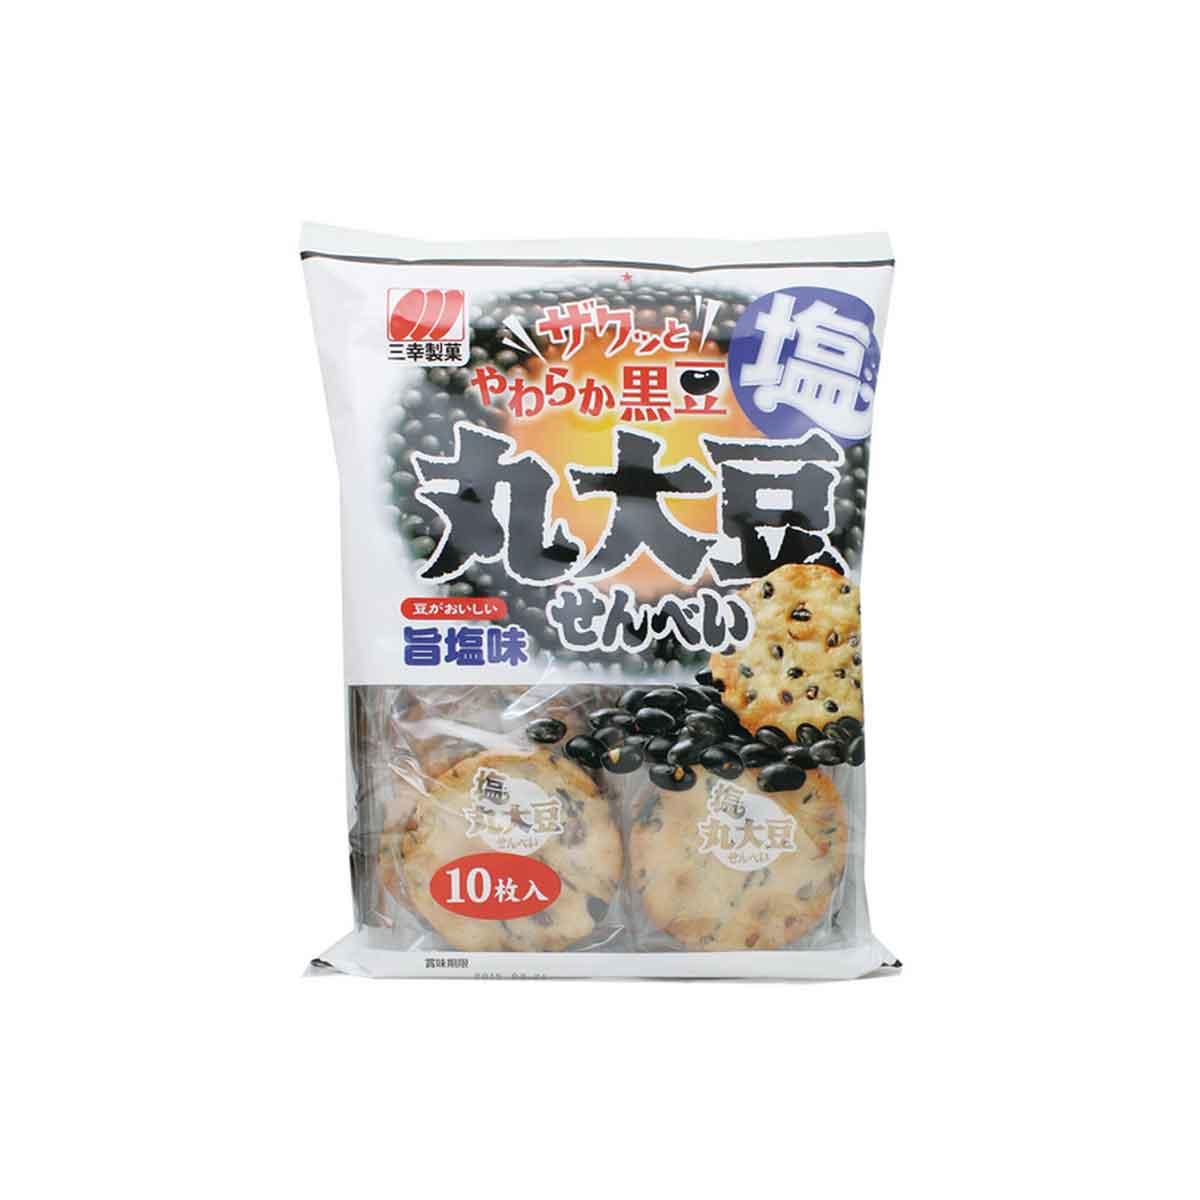 三幸 丸大豆旨鹽仙貝 10枚入 餅乾 日本進口製造